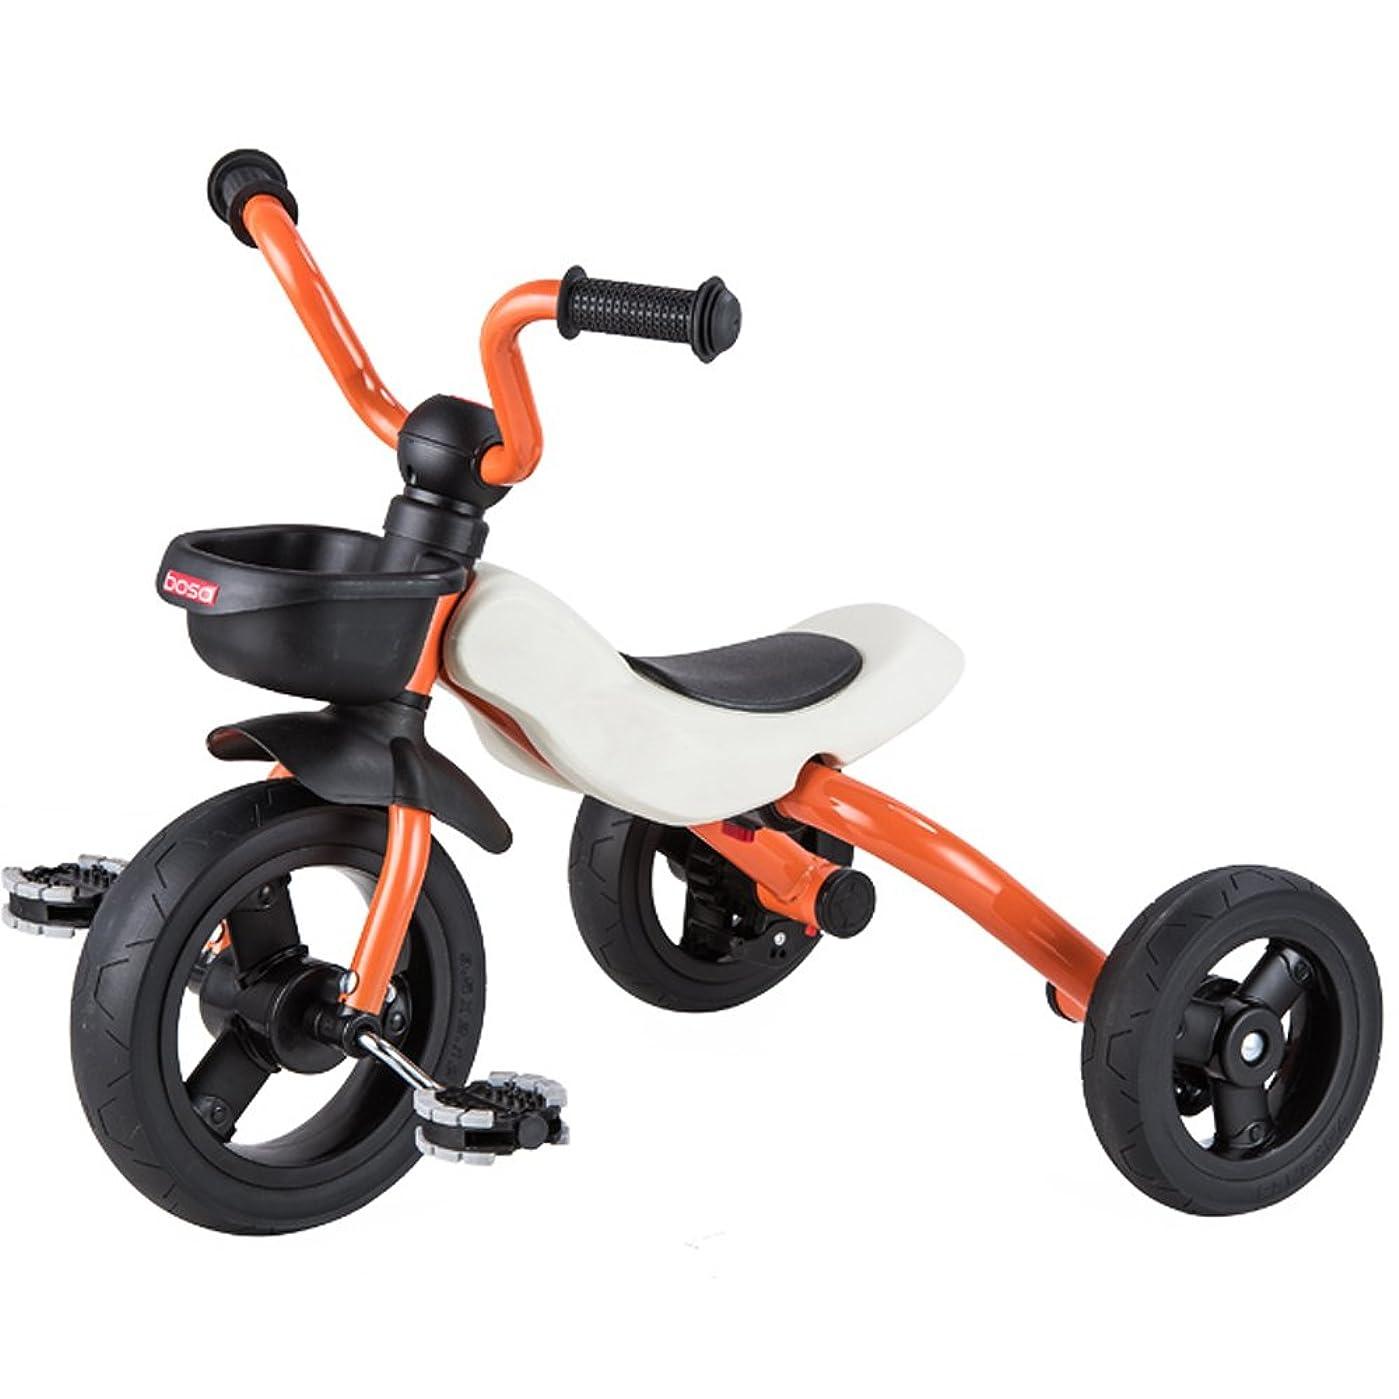 動脈最適もう一度三輪車 折りたたみ 子供用 折りたたみ三輪車 U型ハンドル 組立品 ノーパンクタイヤ オシャレ オレンジ